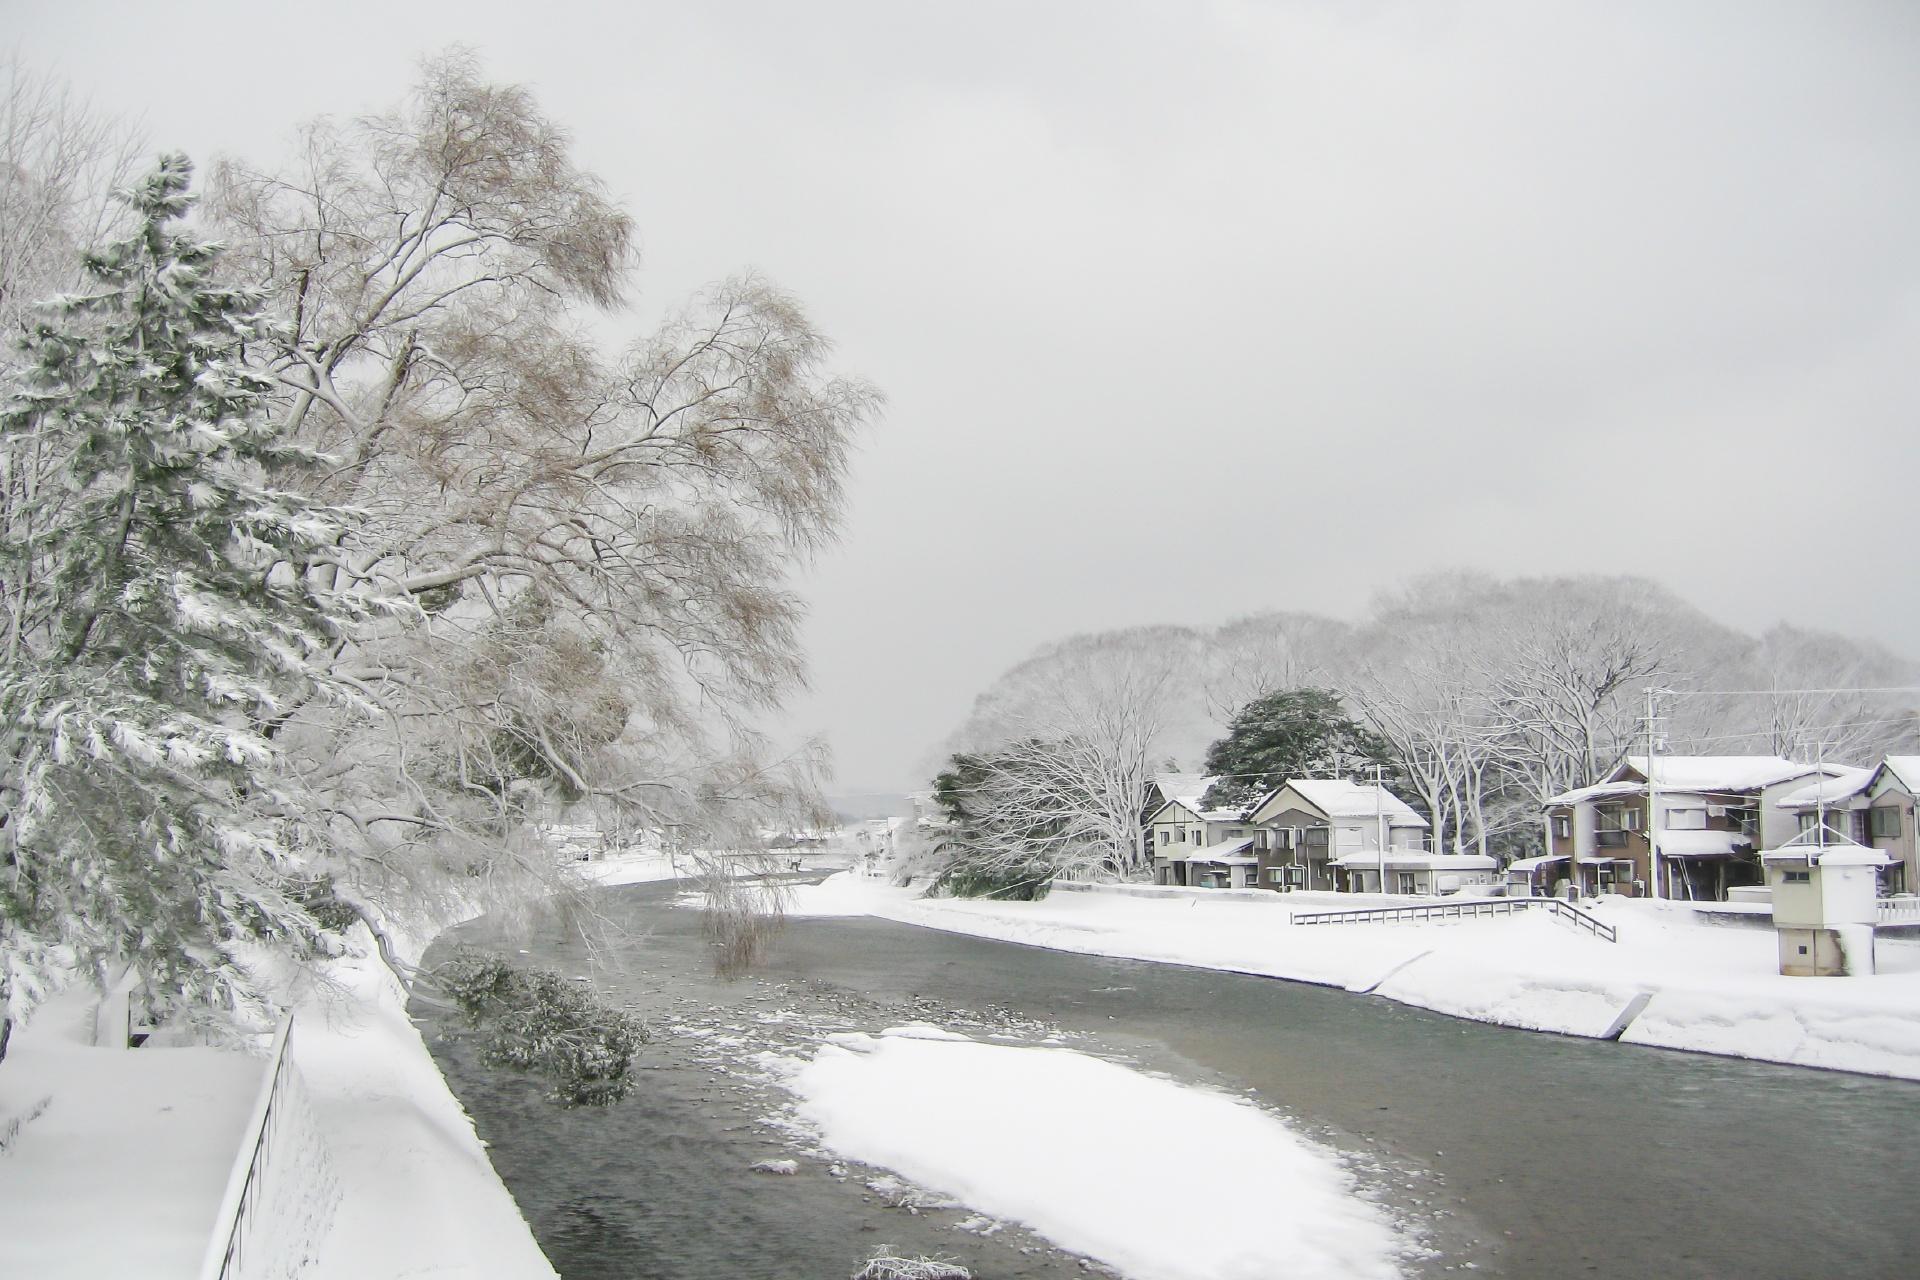 雪の金沢 犀川の風景 石川の風景